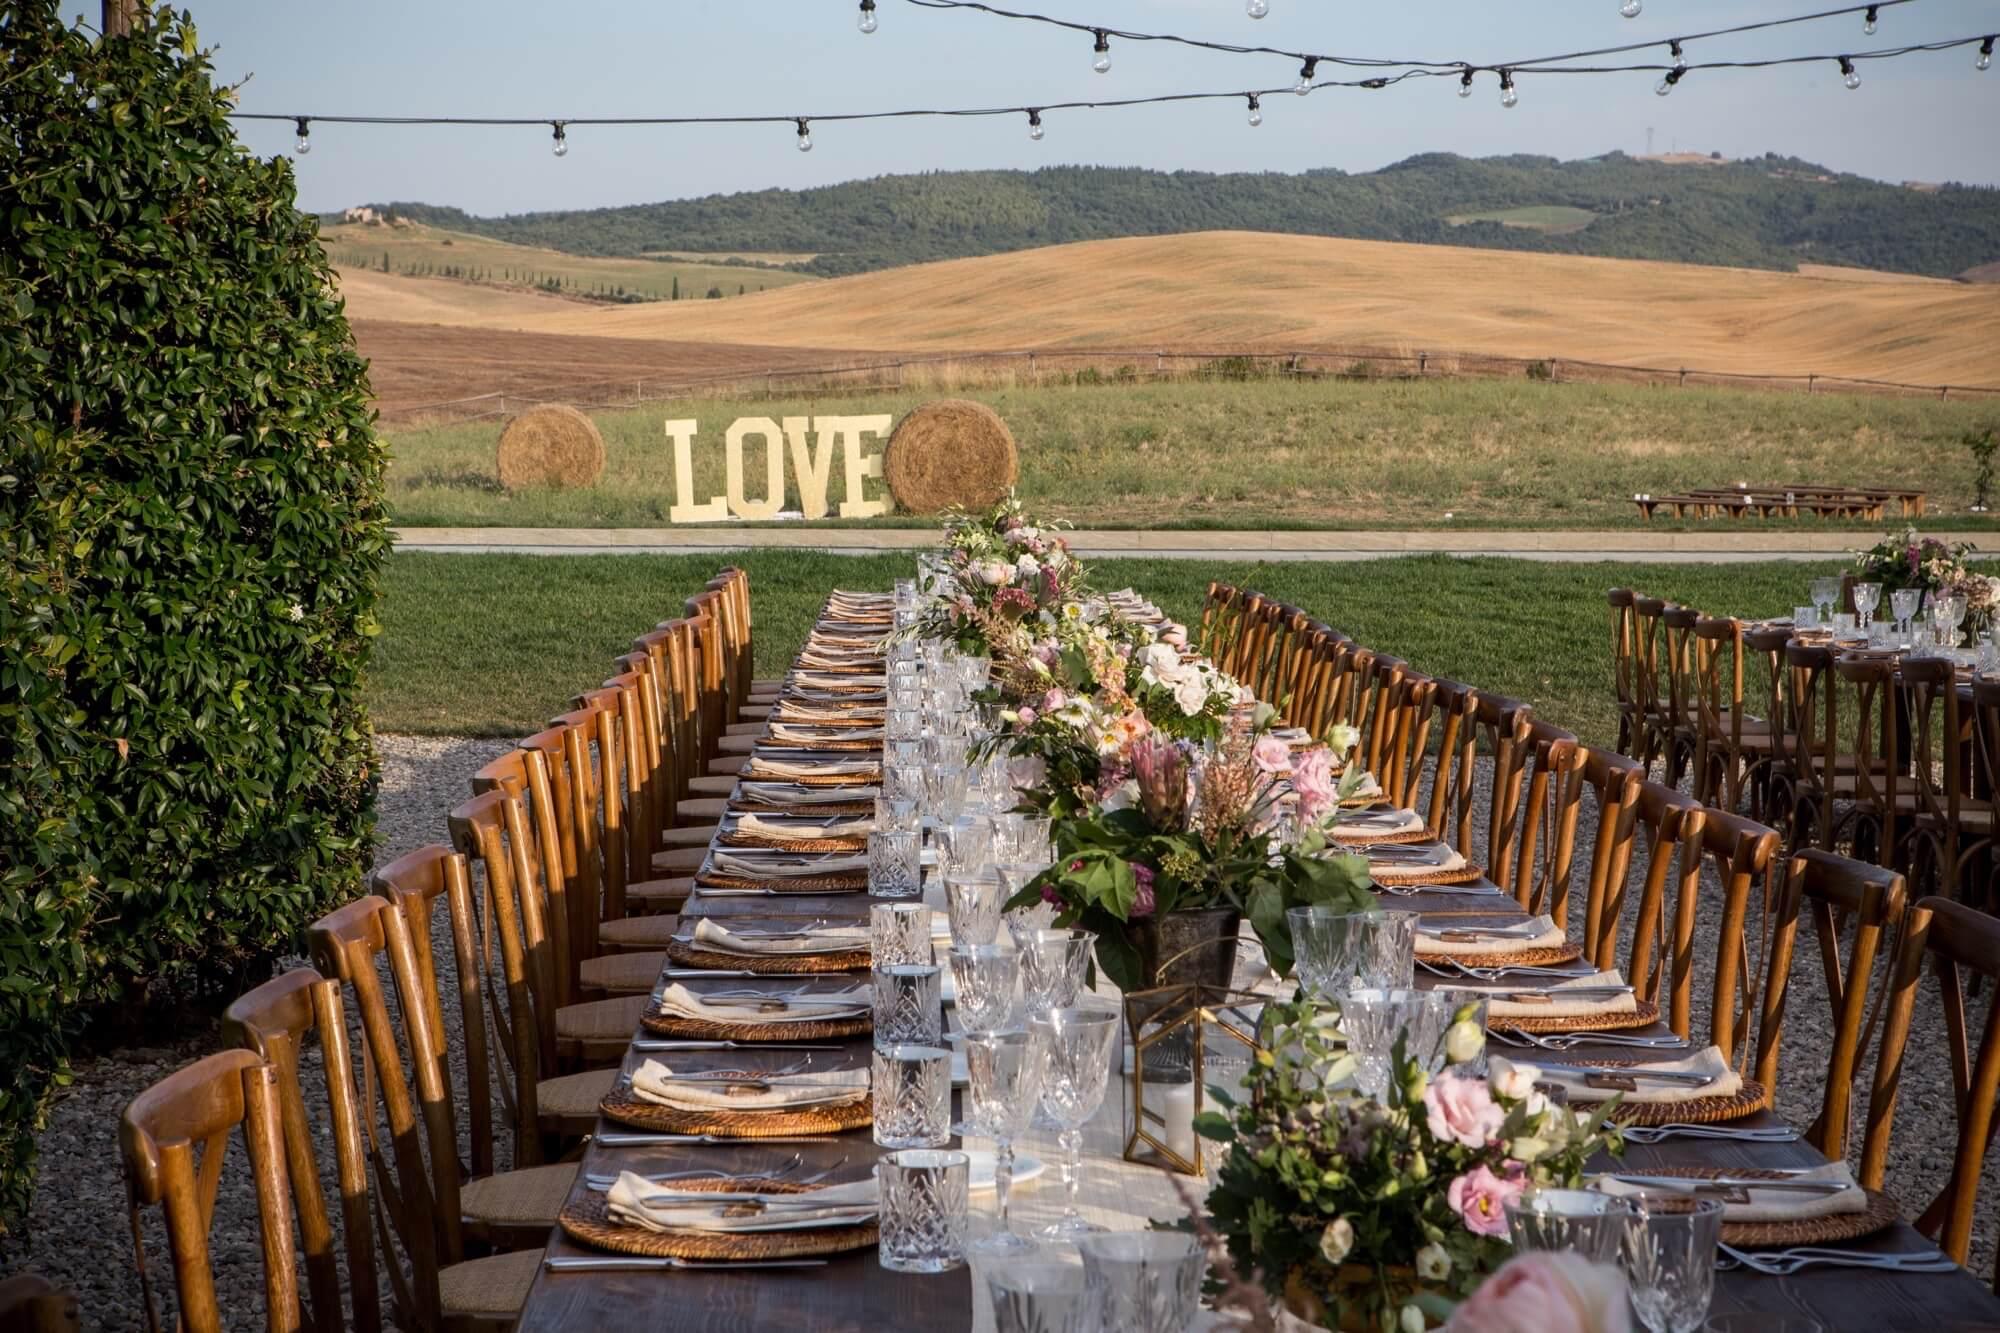 Wedding Planner per Matrimonio in Val d'Orcia. Giulia Alessandri, Wedding Planner: progettazione e coordinazione matrimoni in Toscana.